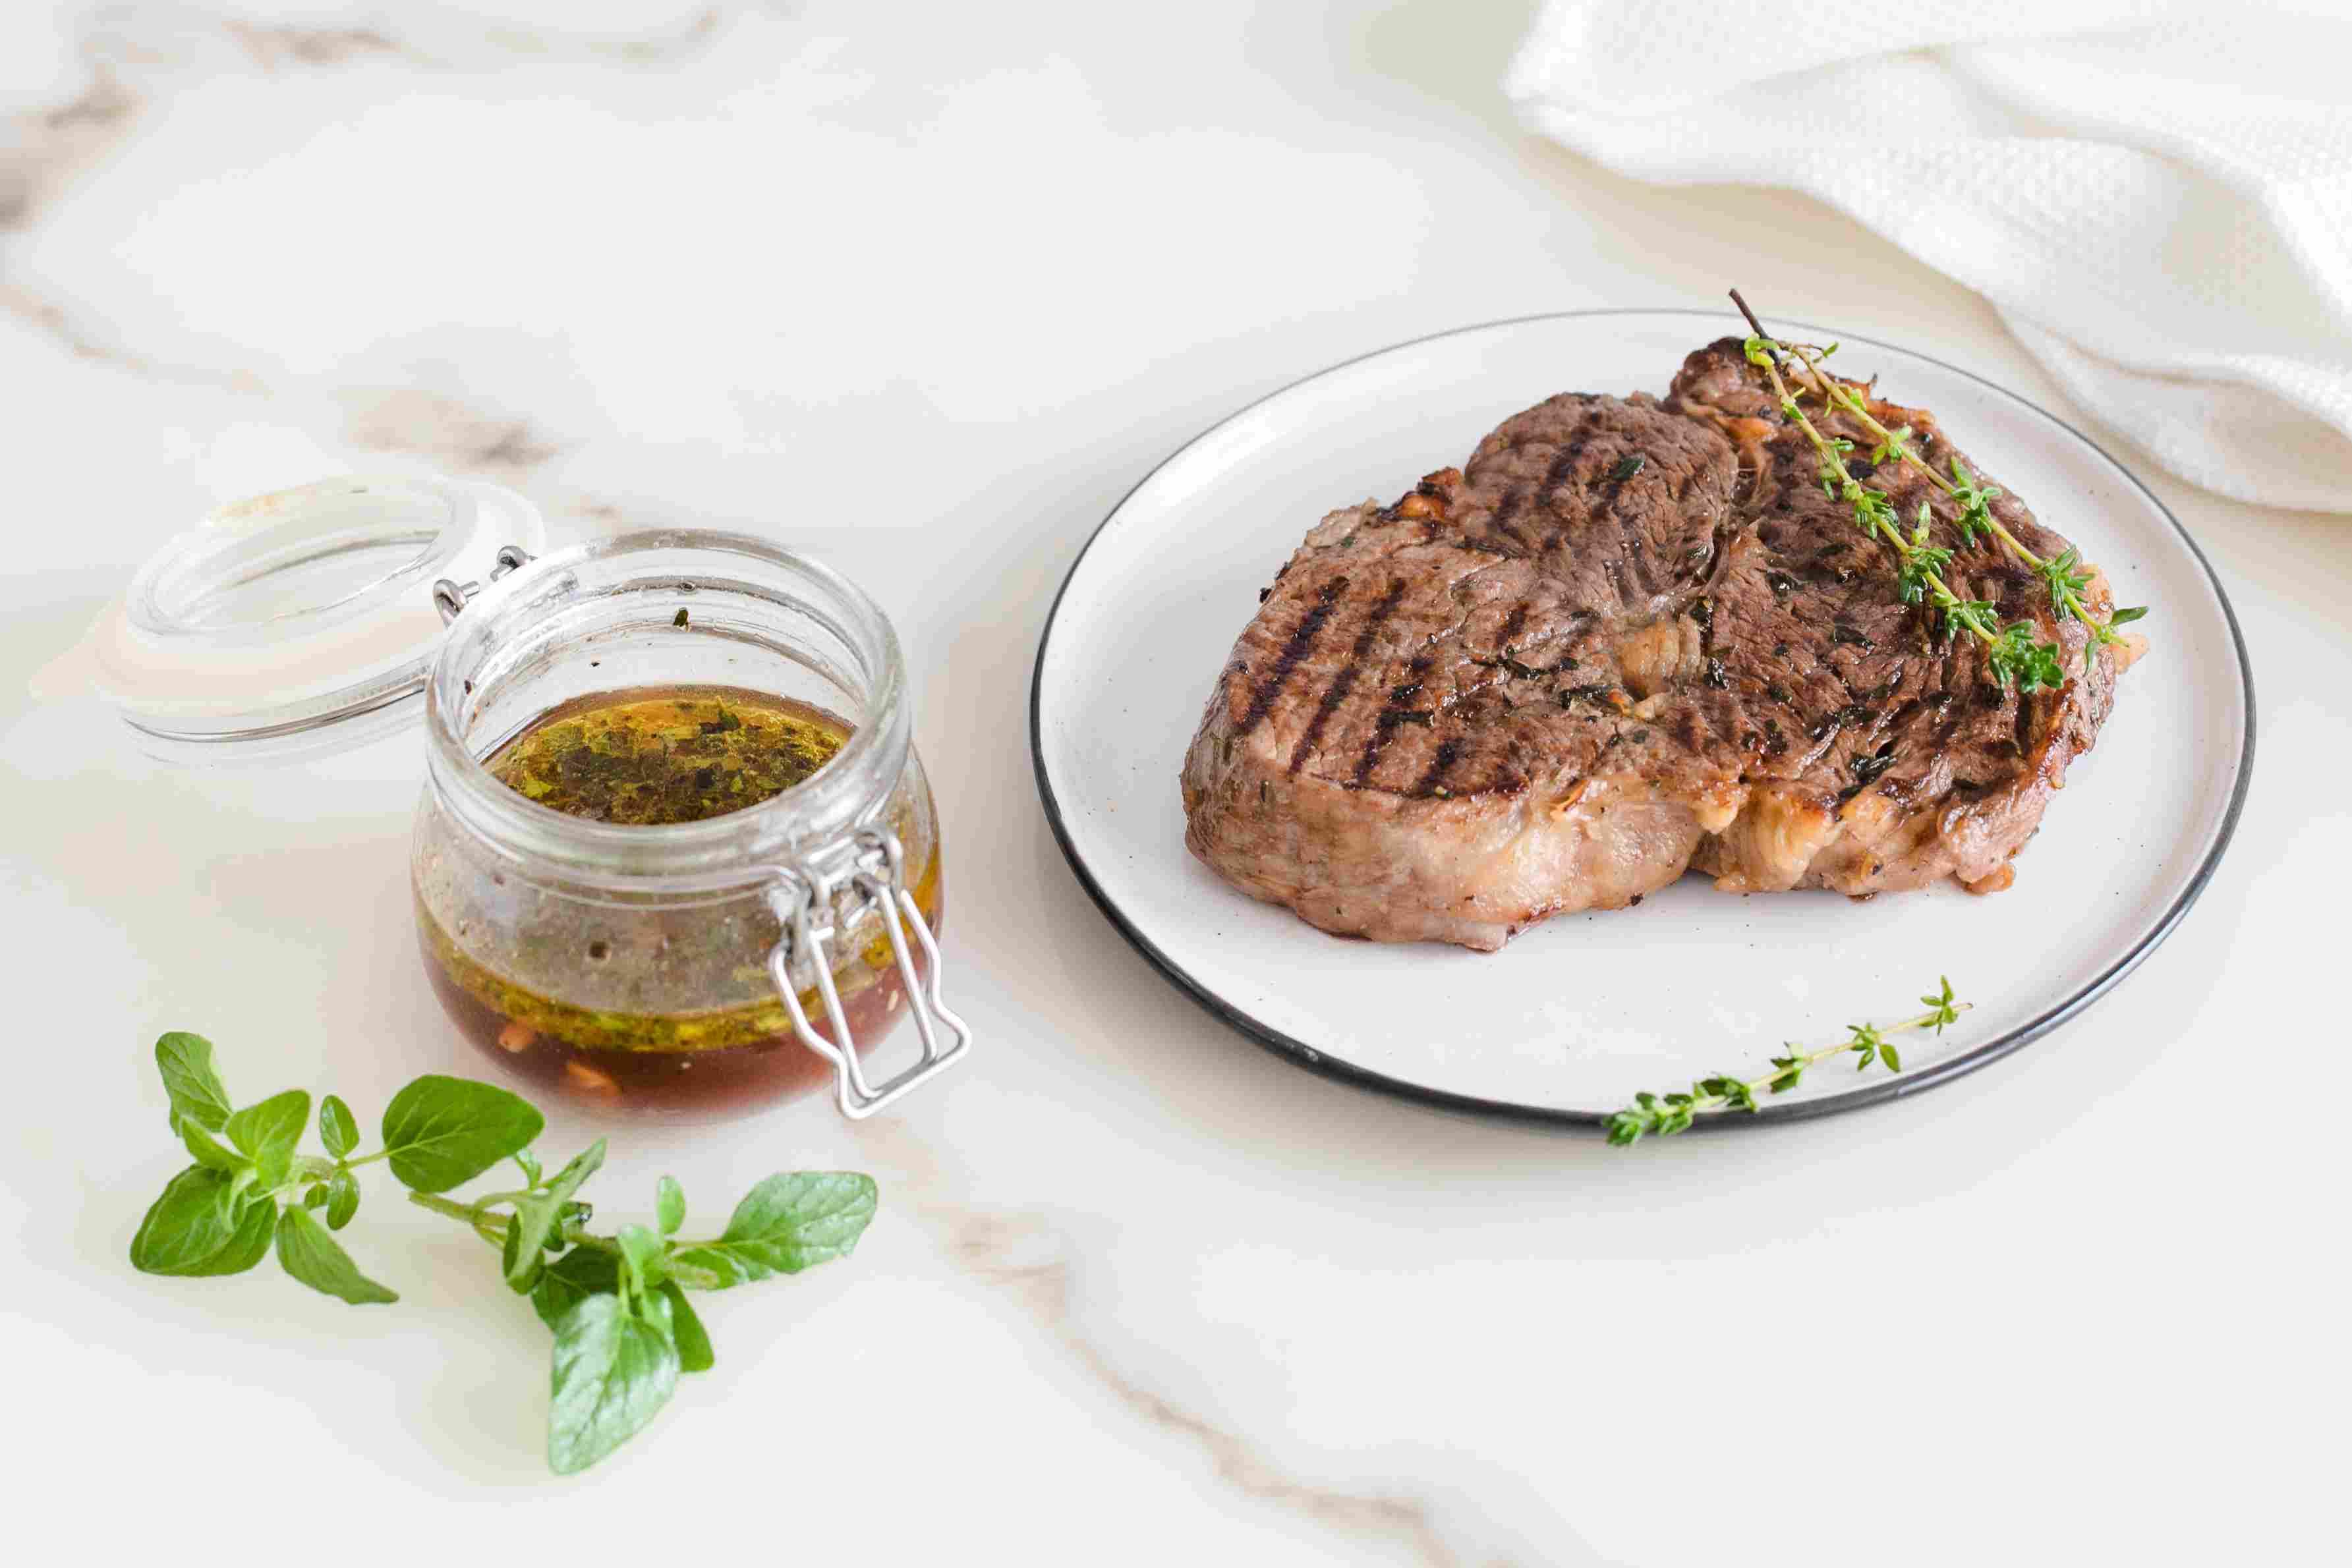 Classic steak marinade